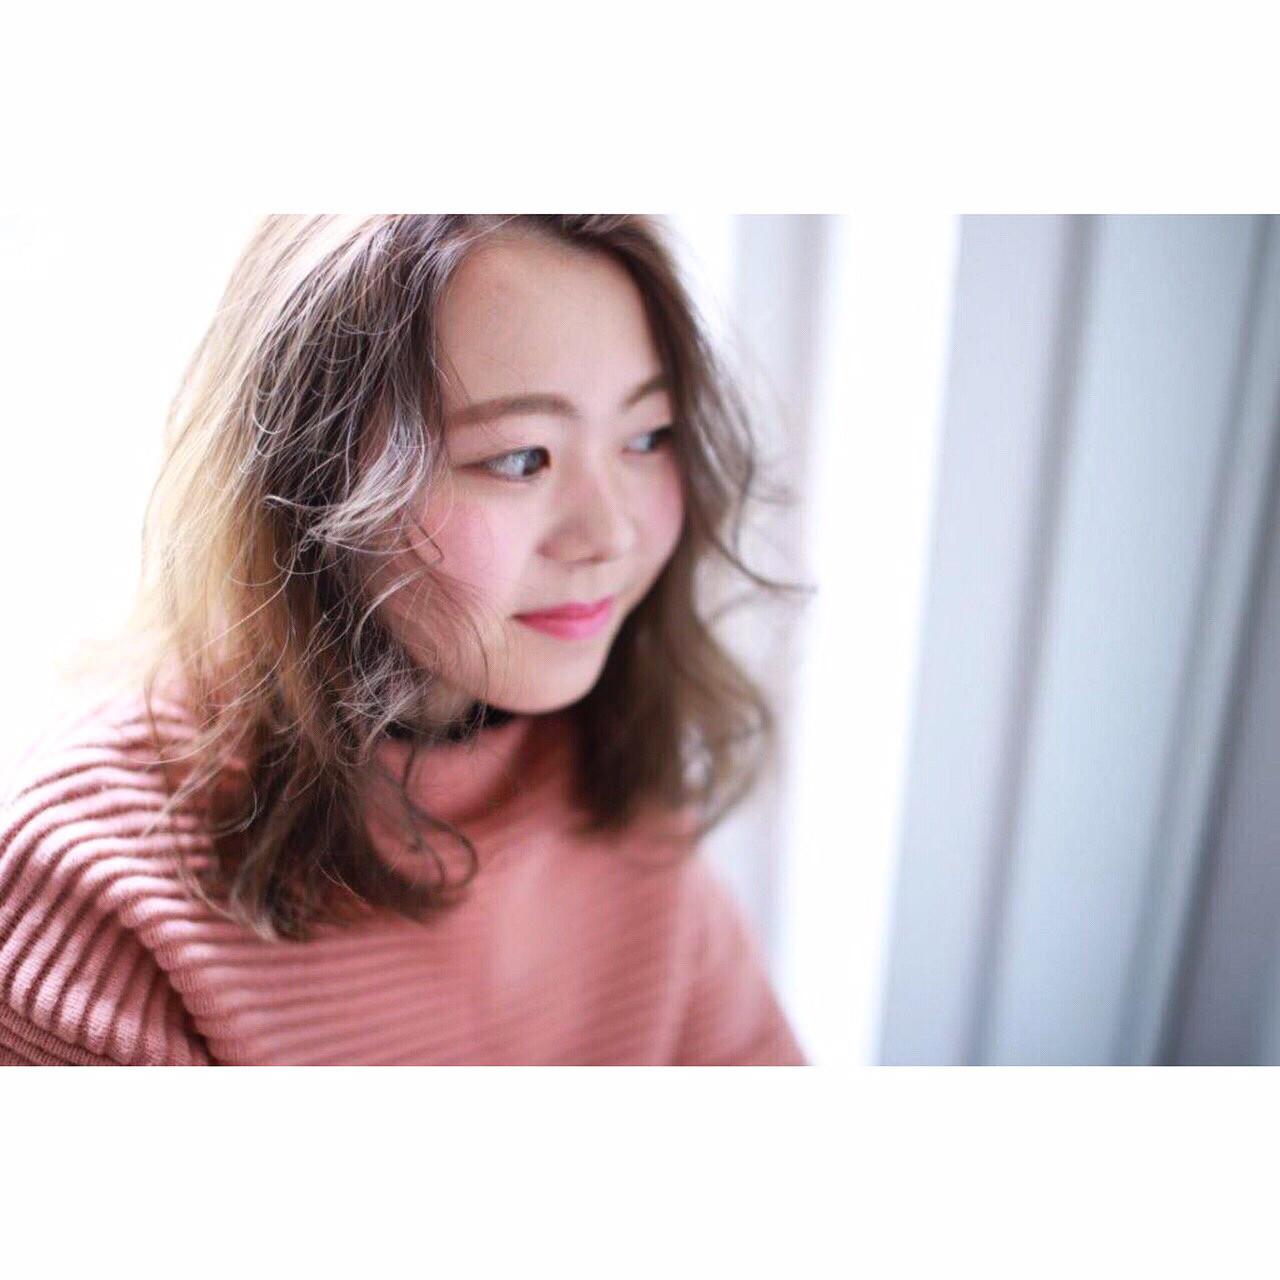 センターパート×ウェーブでアンニュイに Yumi Hiramatsu | HAIR&MAKE JOJI